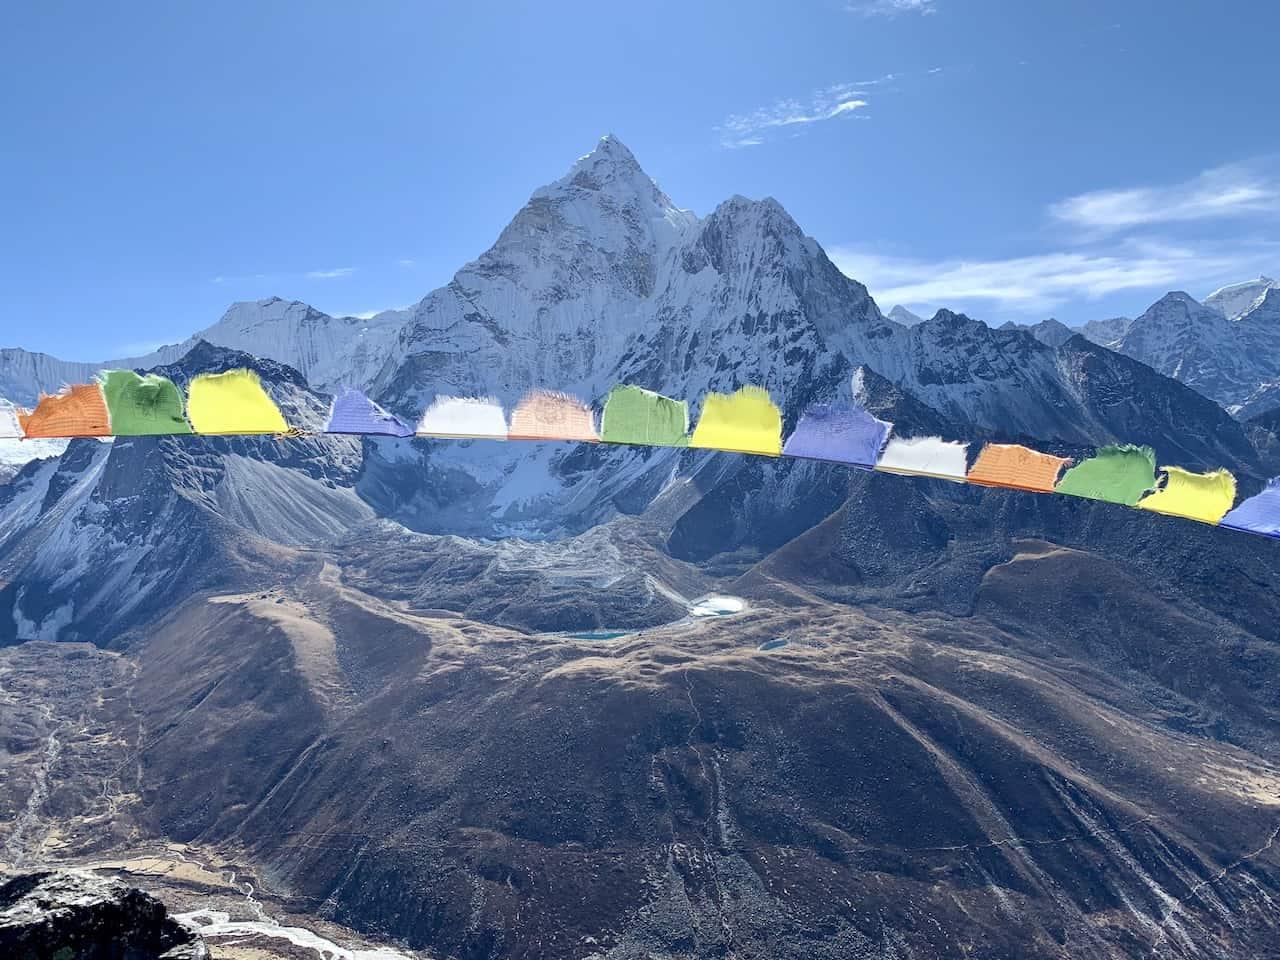 Nangkartshang Peak Hike